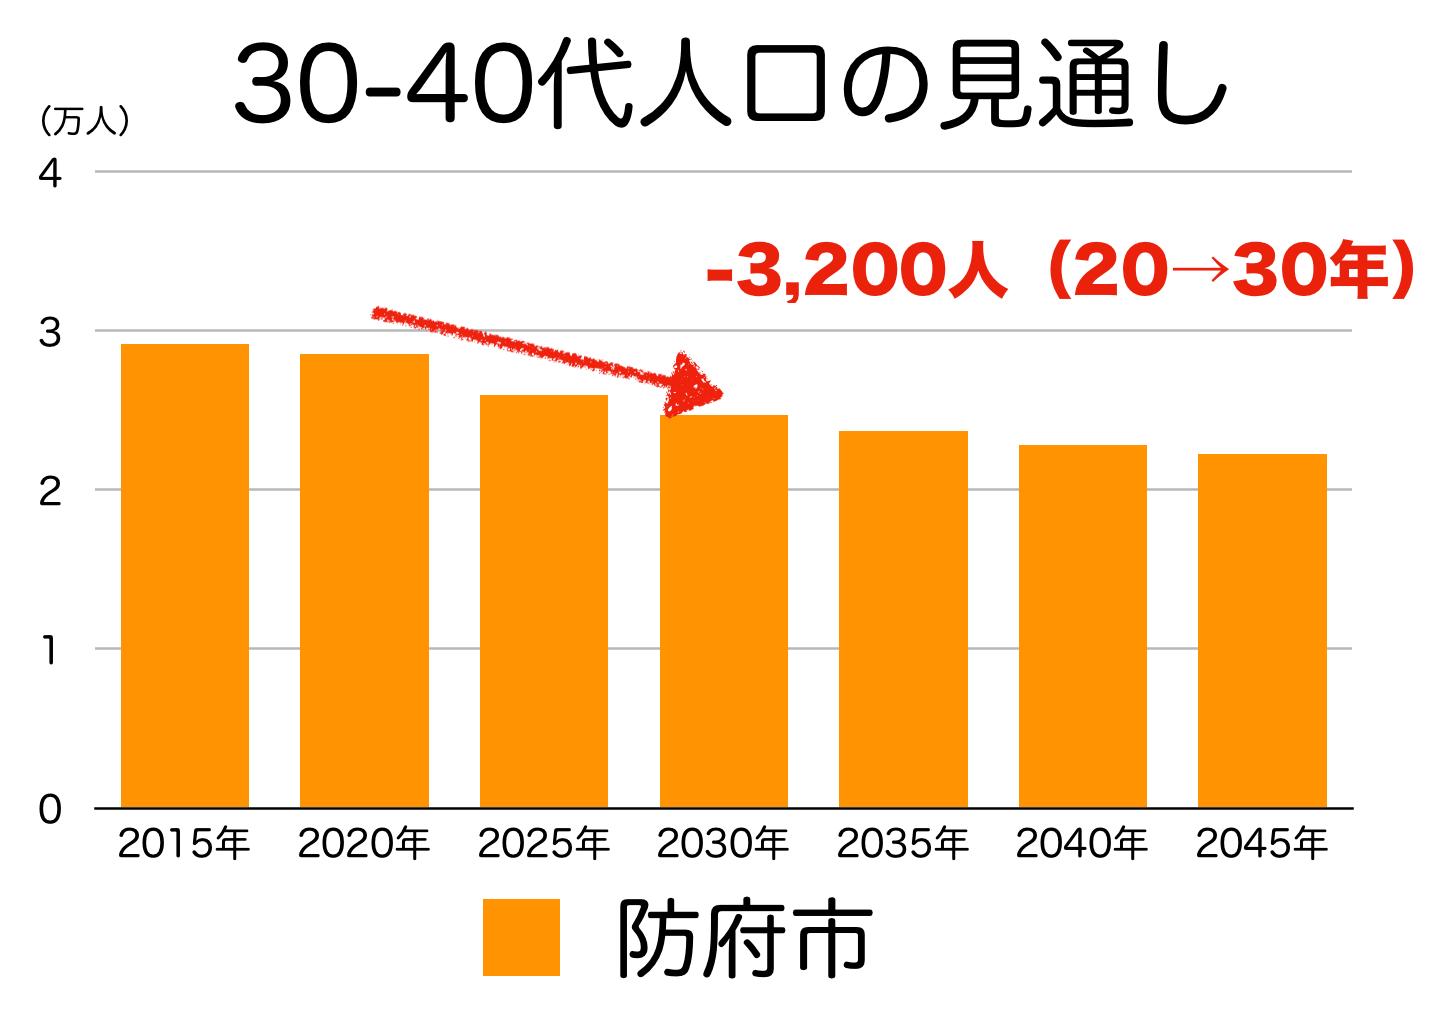 防府市の30〜40代人口の予測